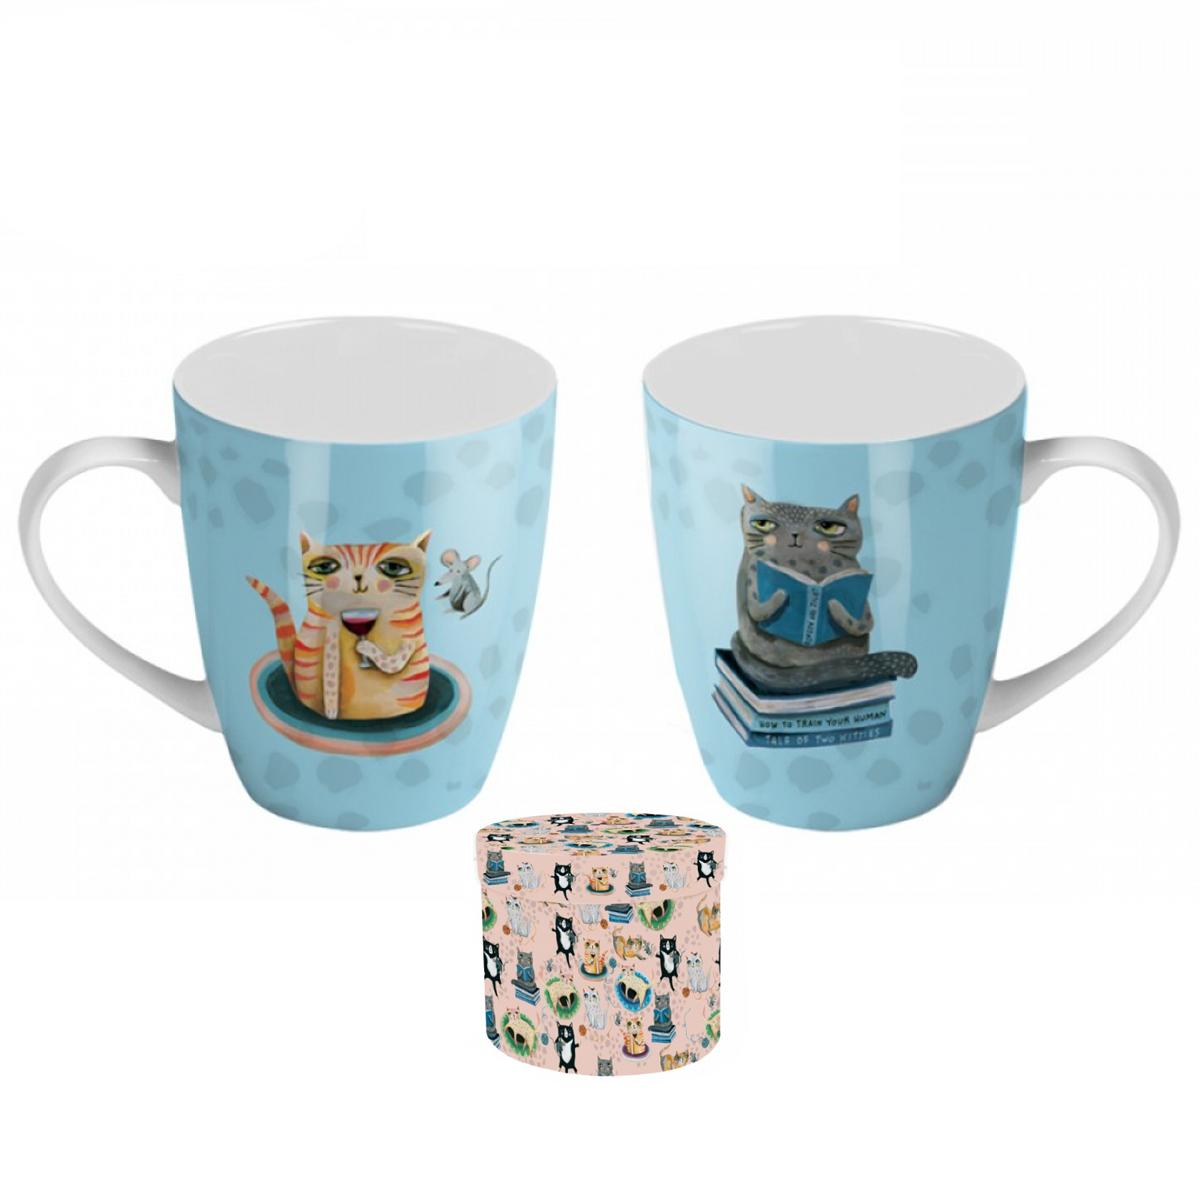 Coffret mug porcelaine \'Allen Designs\' bleu (chat) - 8x10 cm - [A1992]